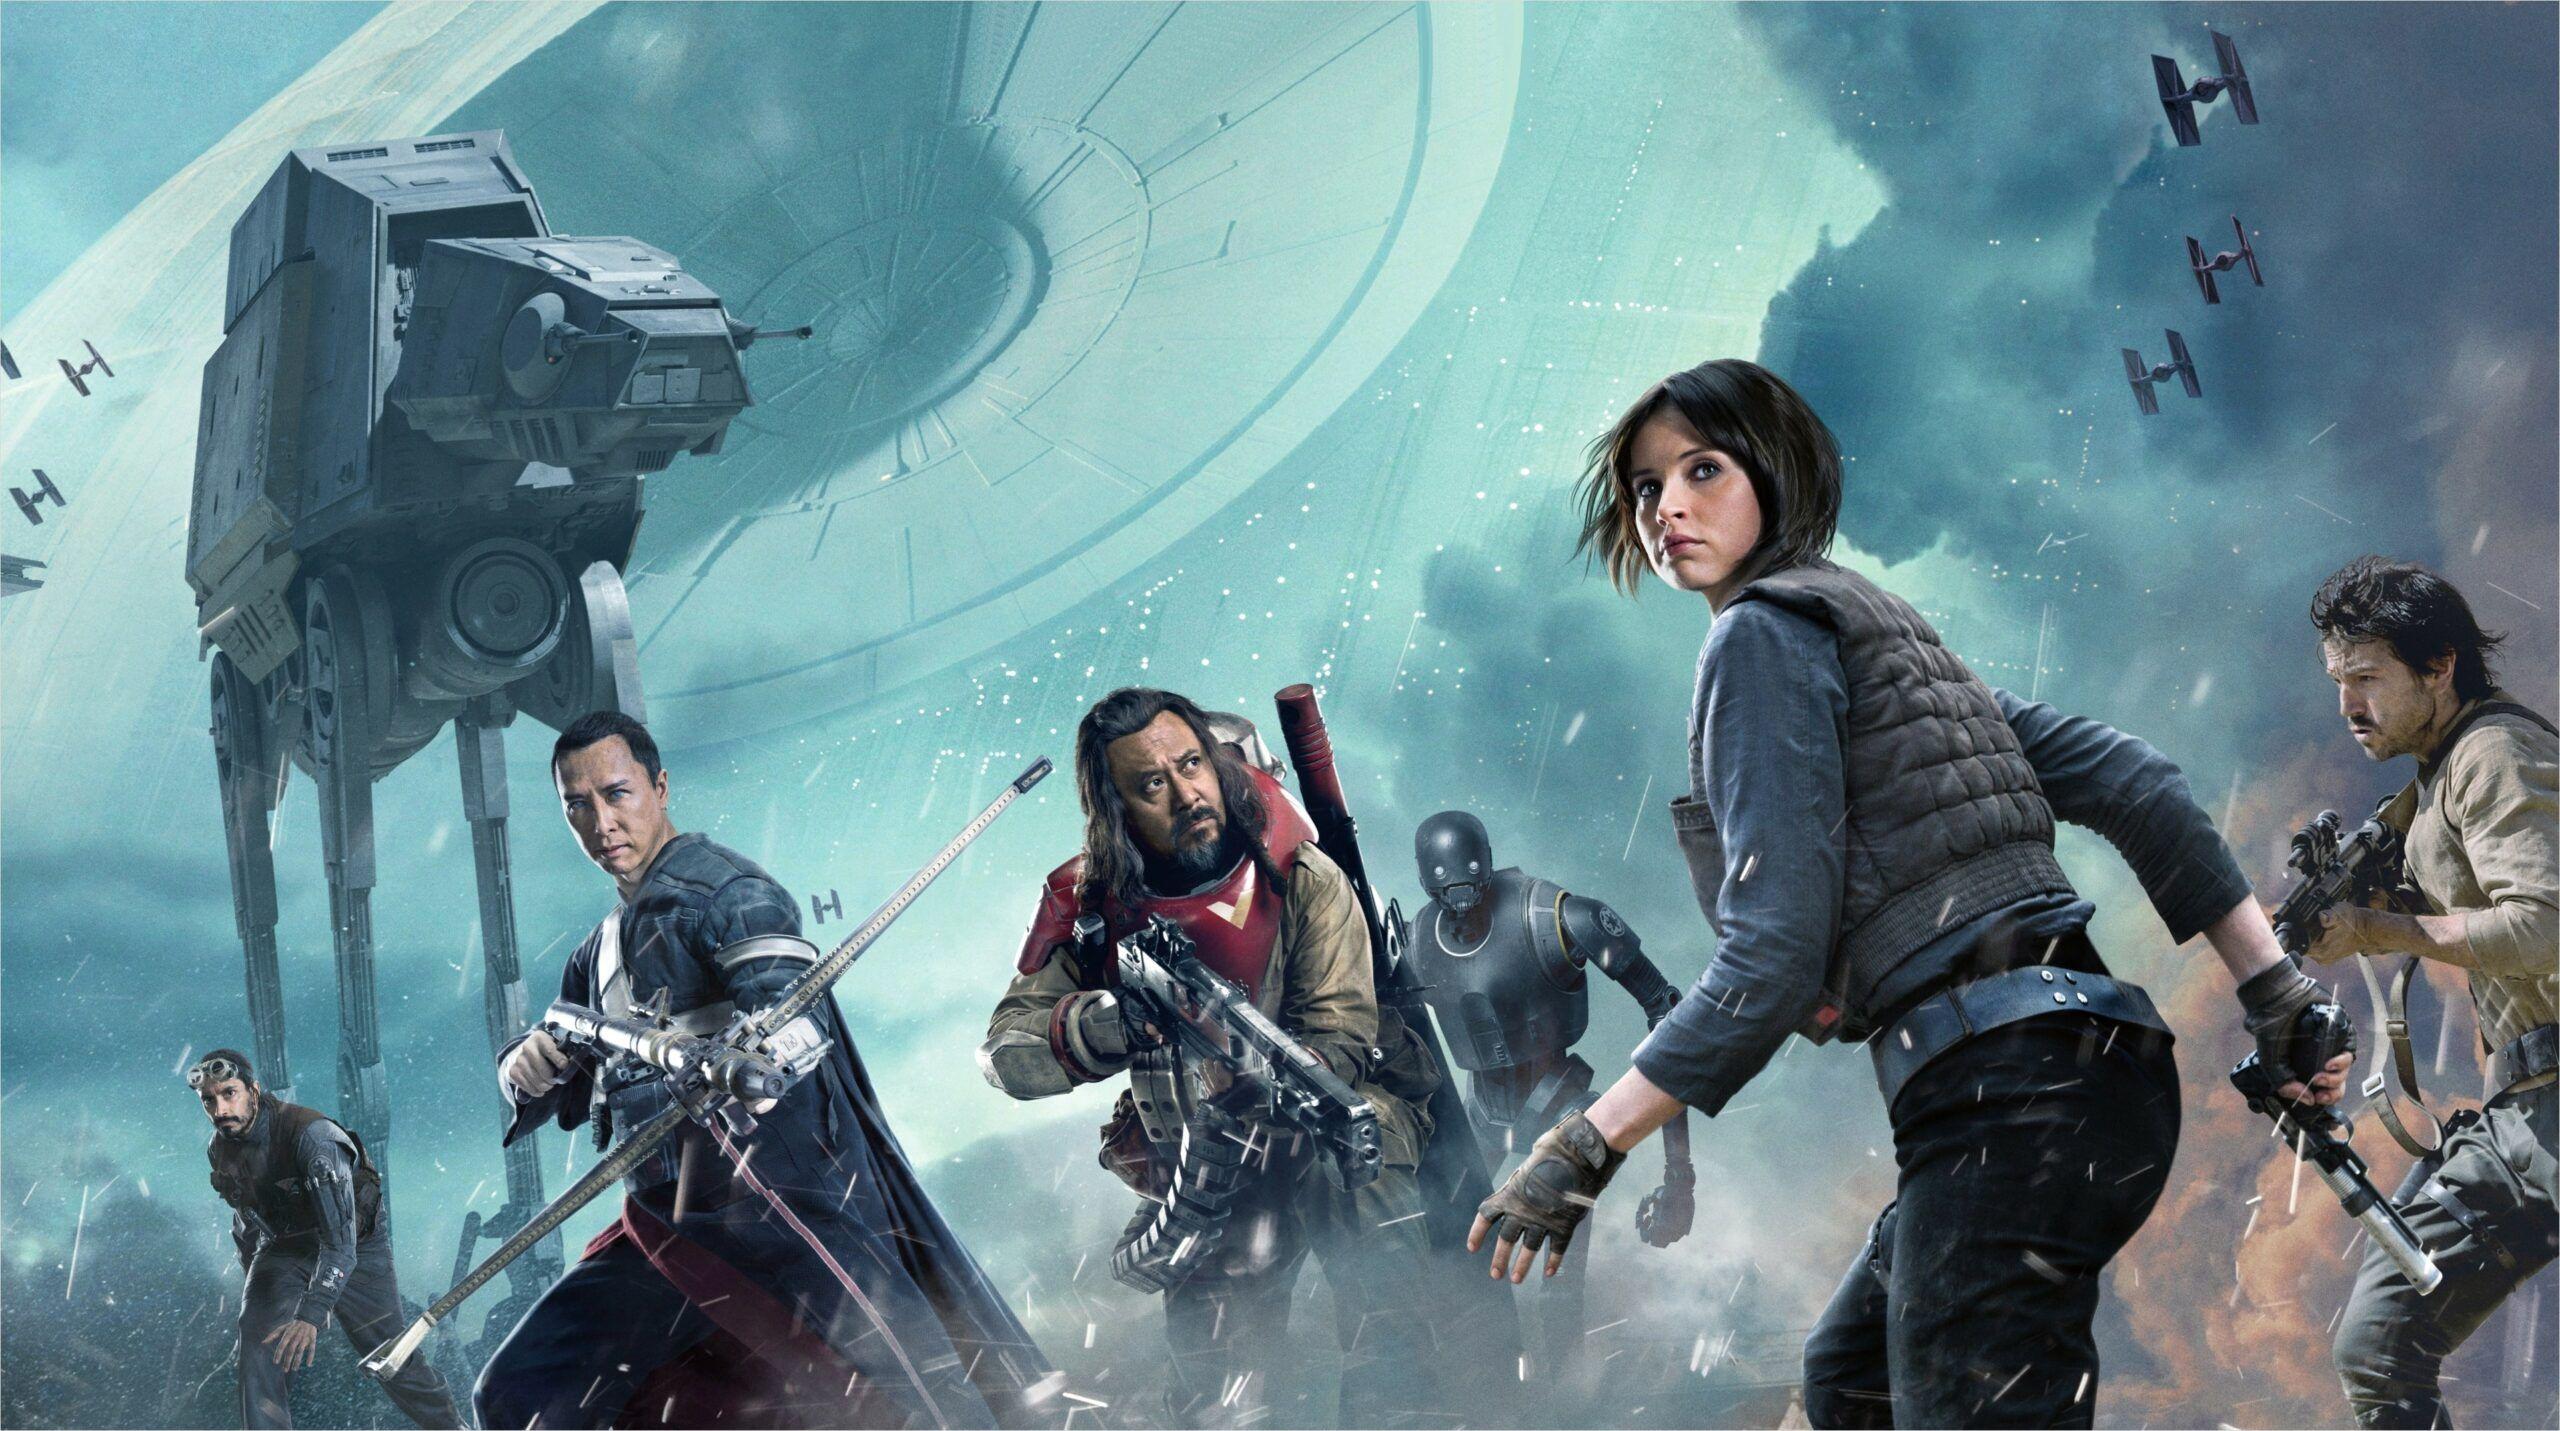 Rogue One Wallpaper 4k In 2020 Star Wars Battlefront War Stories Star Wars